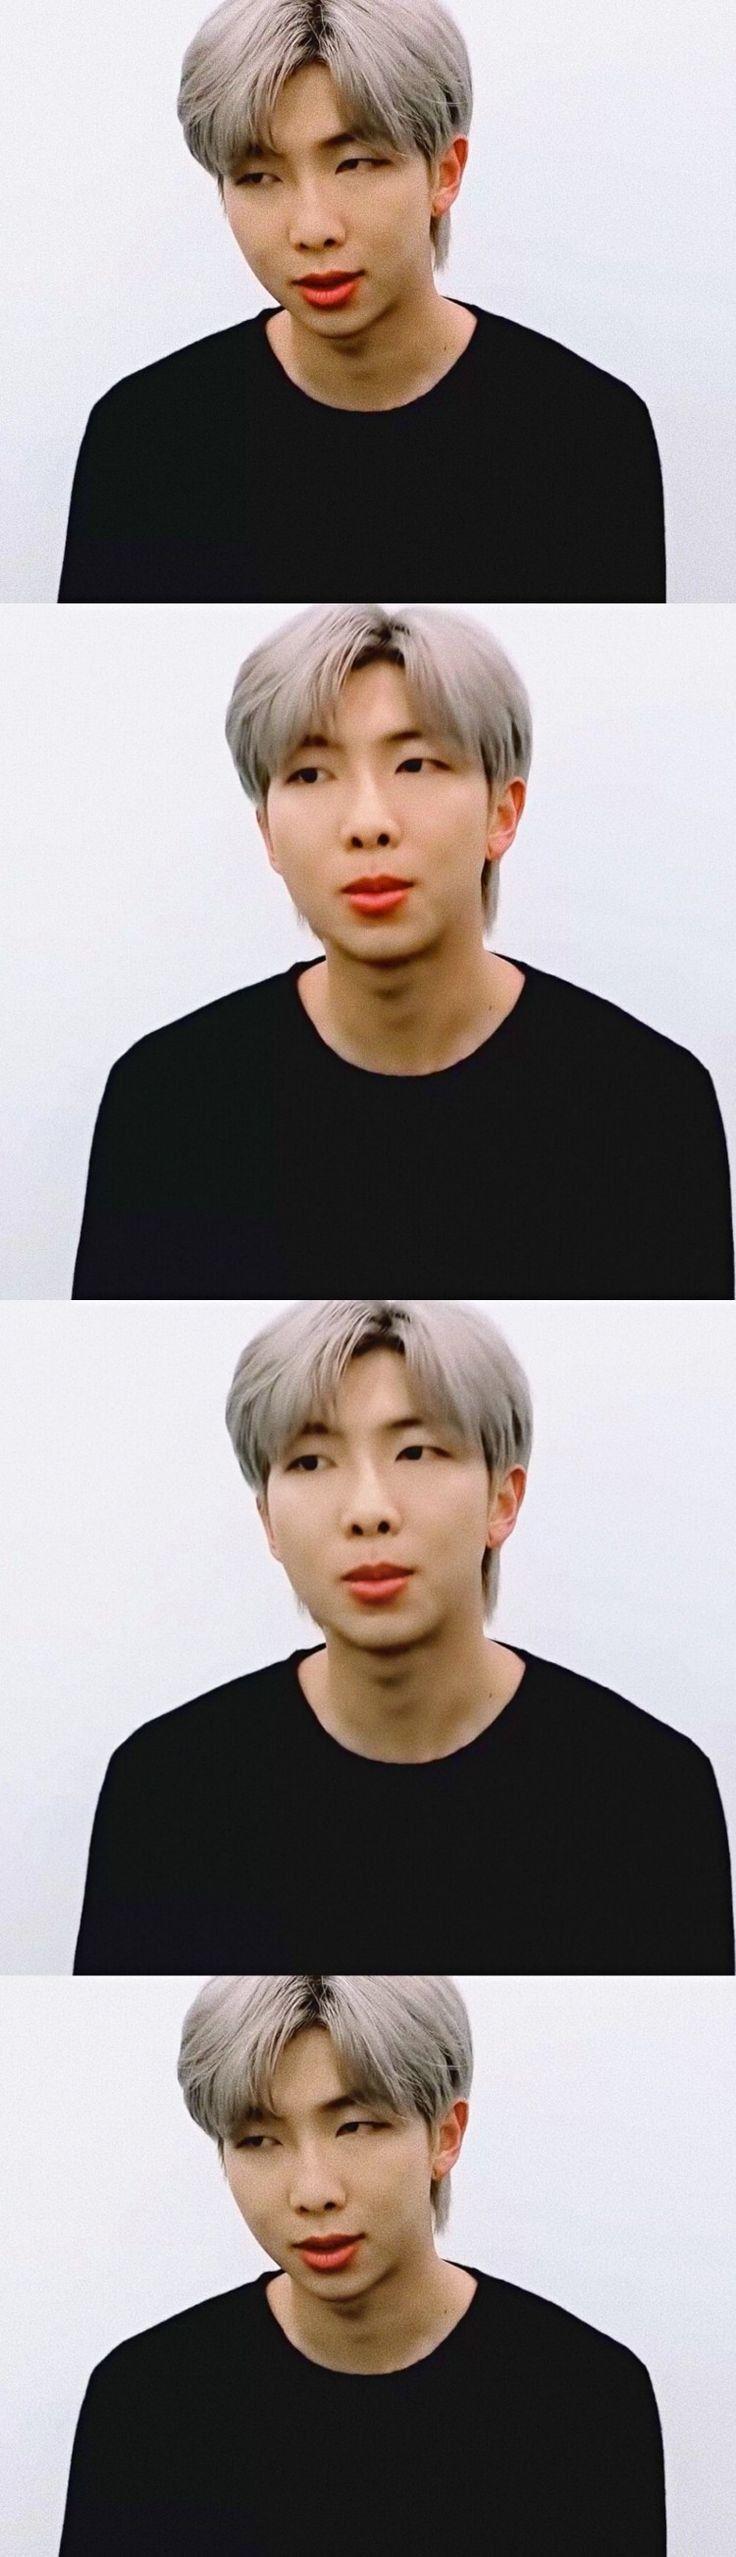 Pin de Park Jimin 13 🍑 em BTS RM em 2020 Rapper